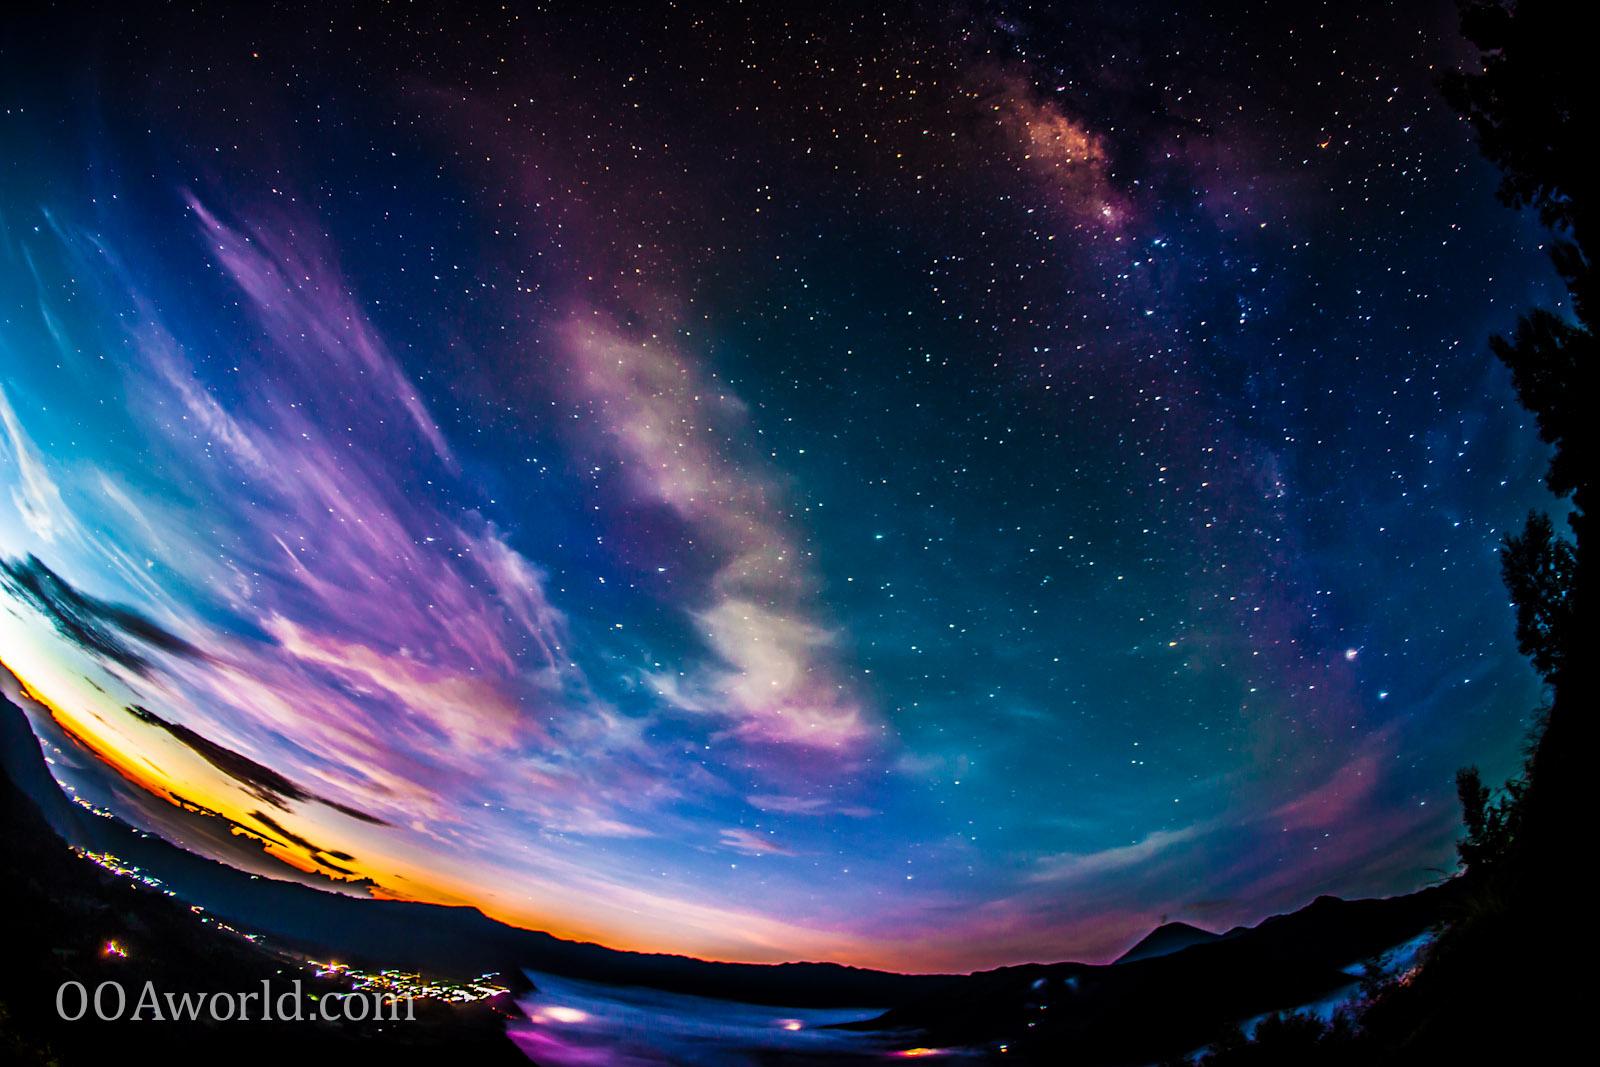 Photo Mount Bromo Indonesia Stars Ooaworld